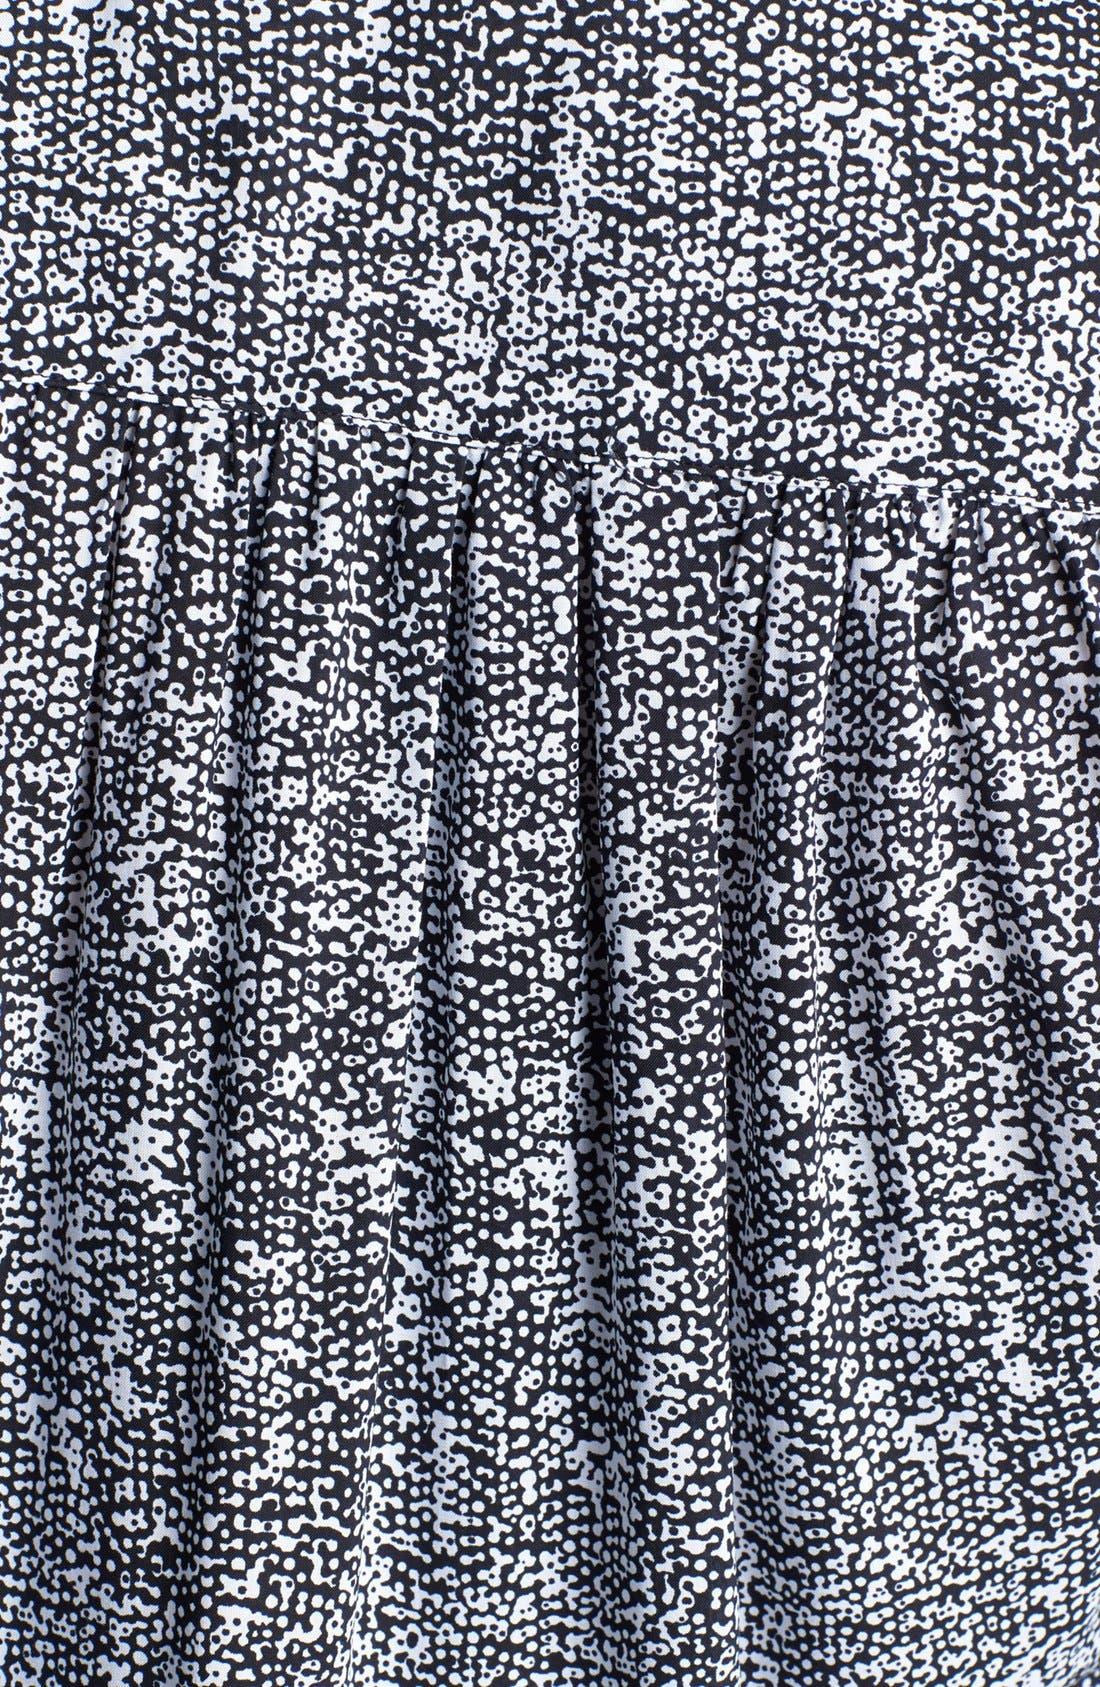 Alternate Image 3  - Foxcroft 'Raining Dots' Shaped Tunic (Plus Size)